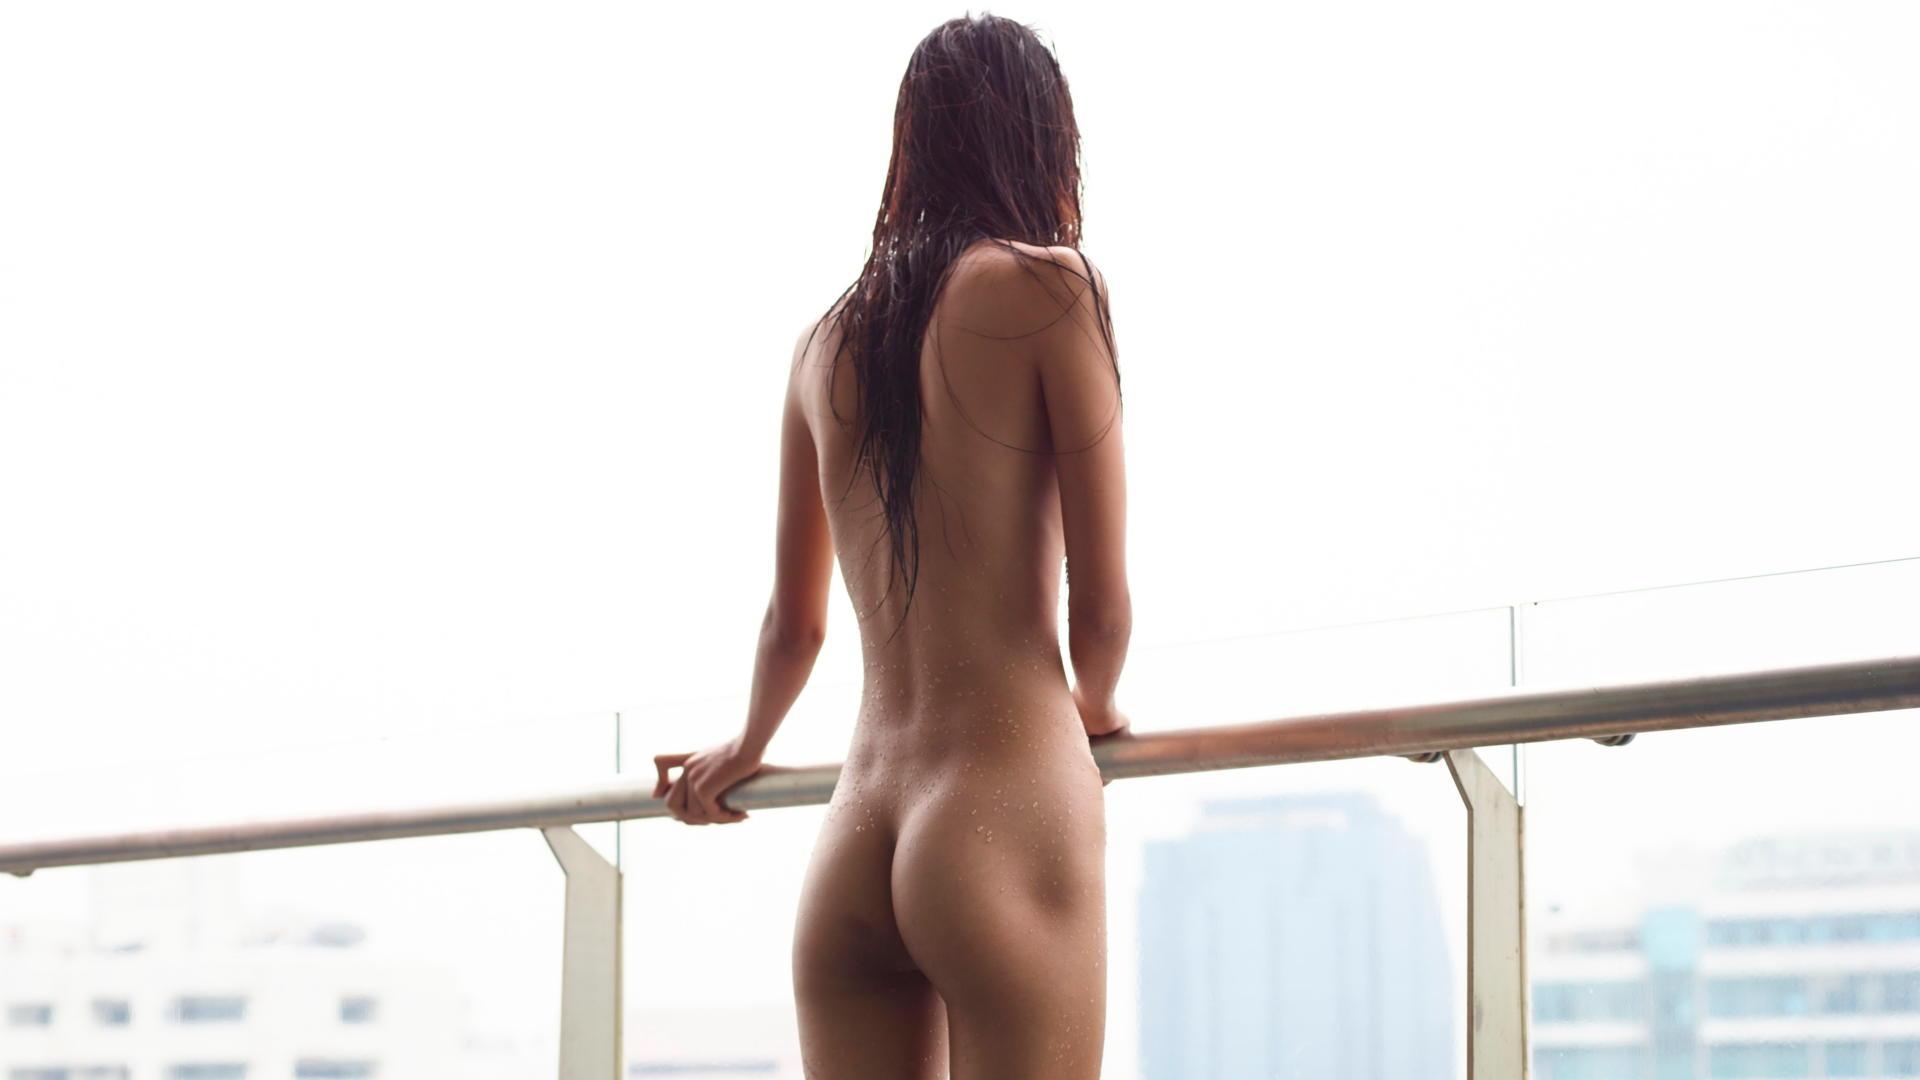 Hot perfect ass